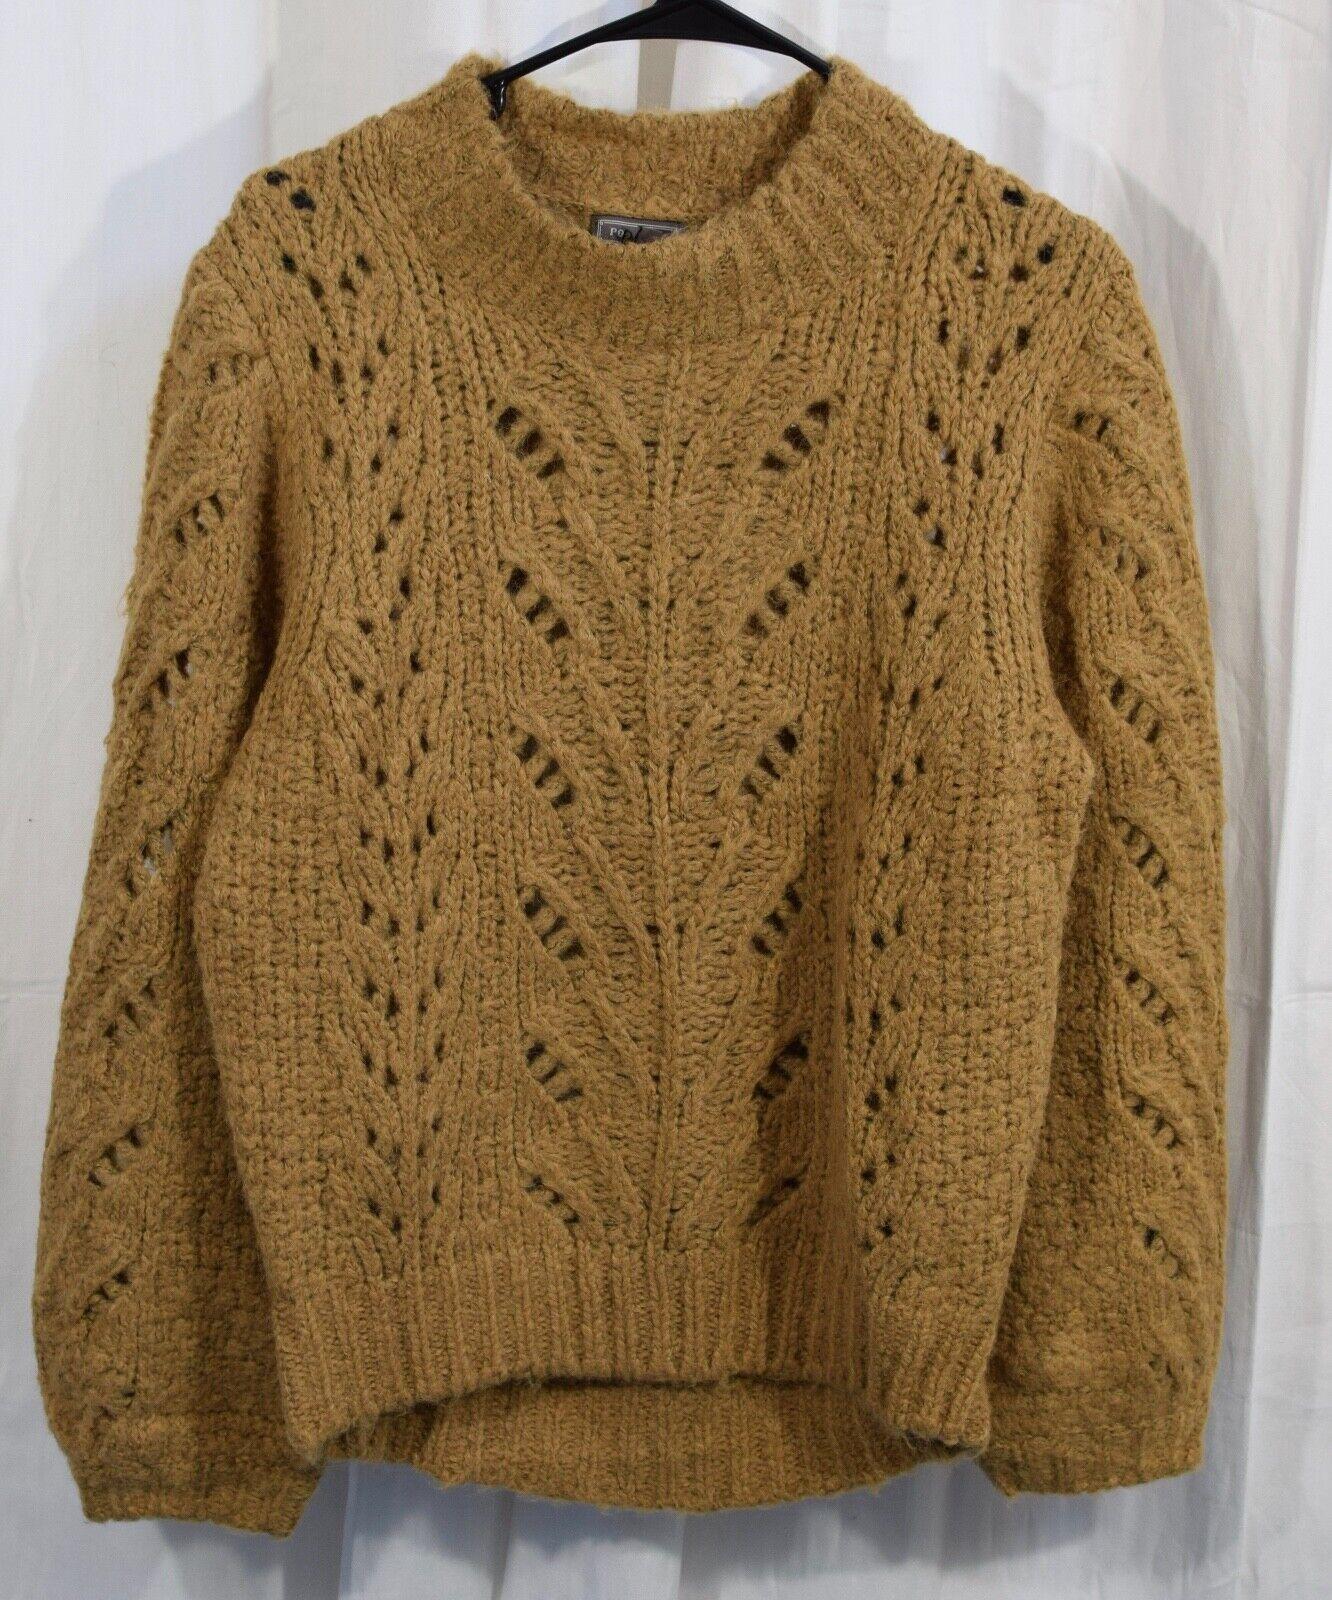 J.Crew Womens Point Sur Pointelle Knit Crewneck Sweater Size Large